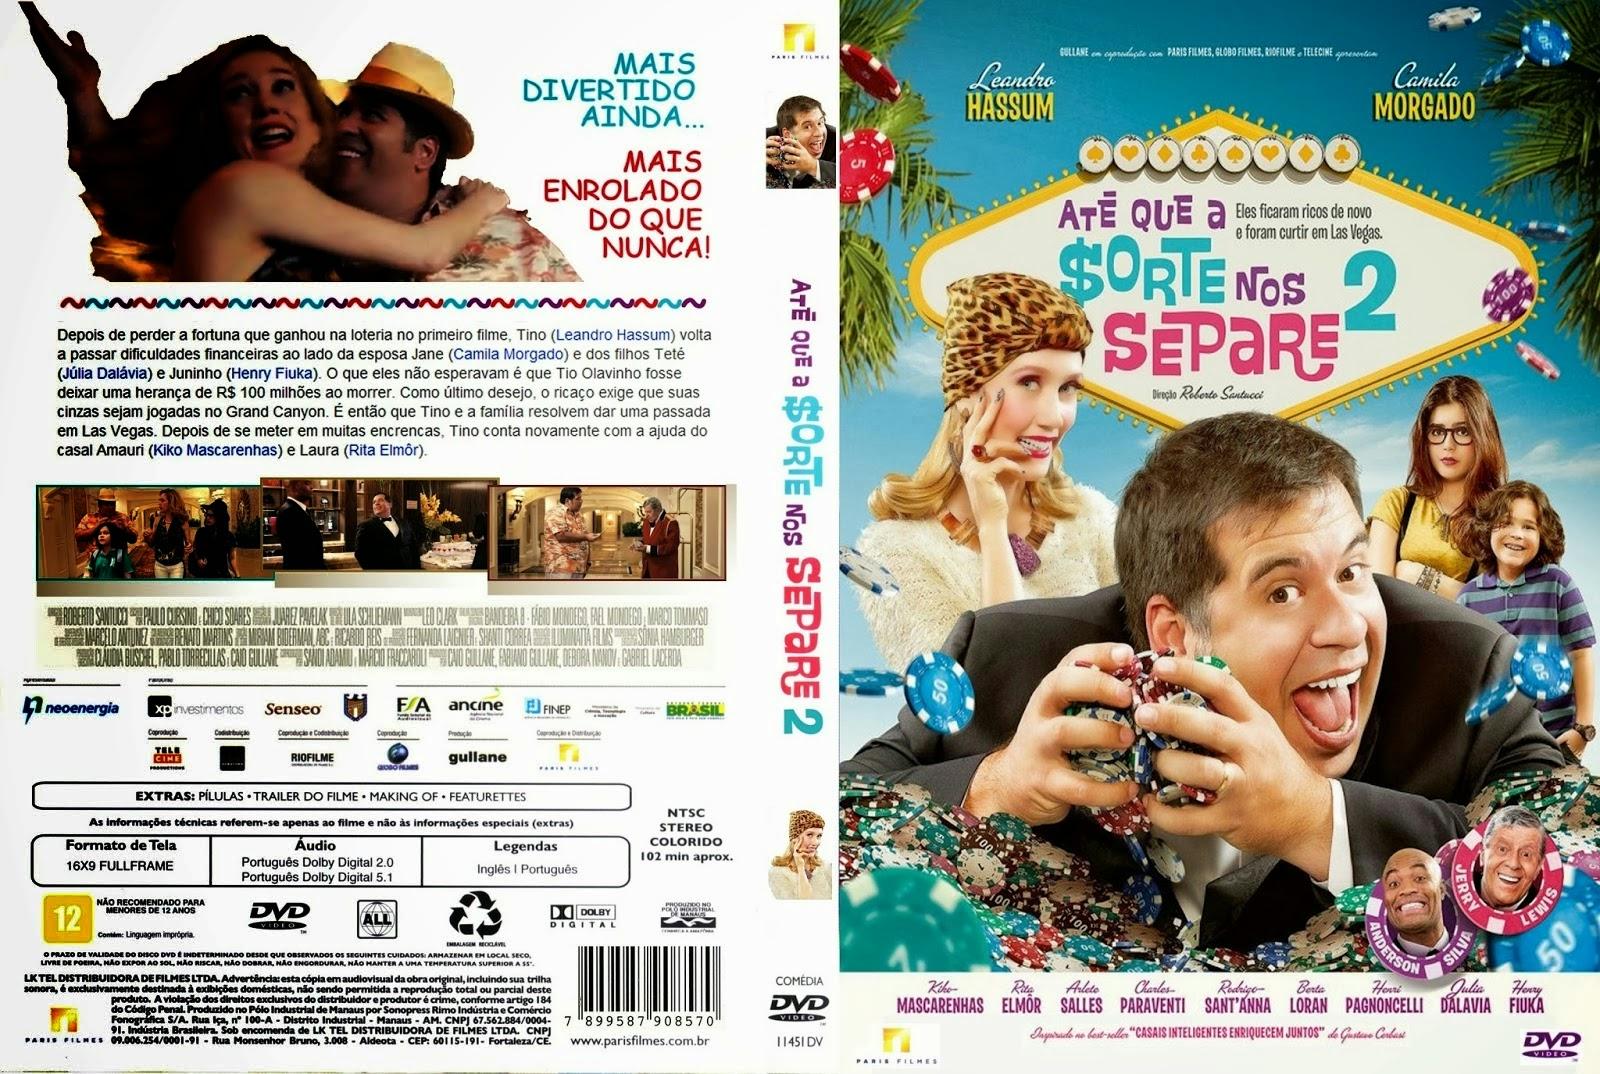 Até Que A Sorte Nos Separe 2 DVD Capa